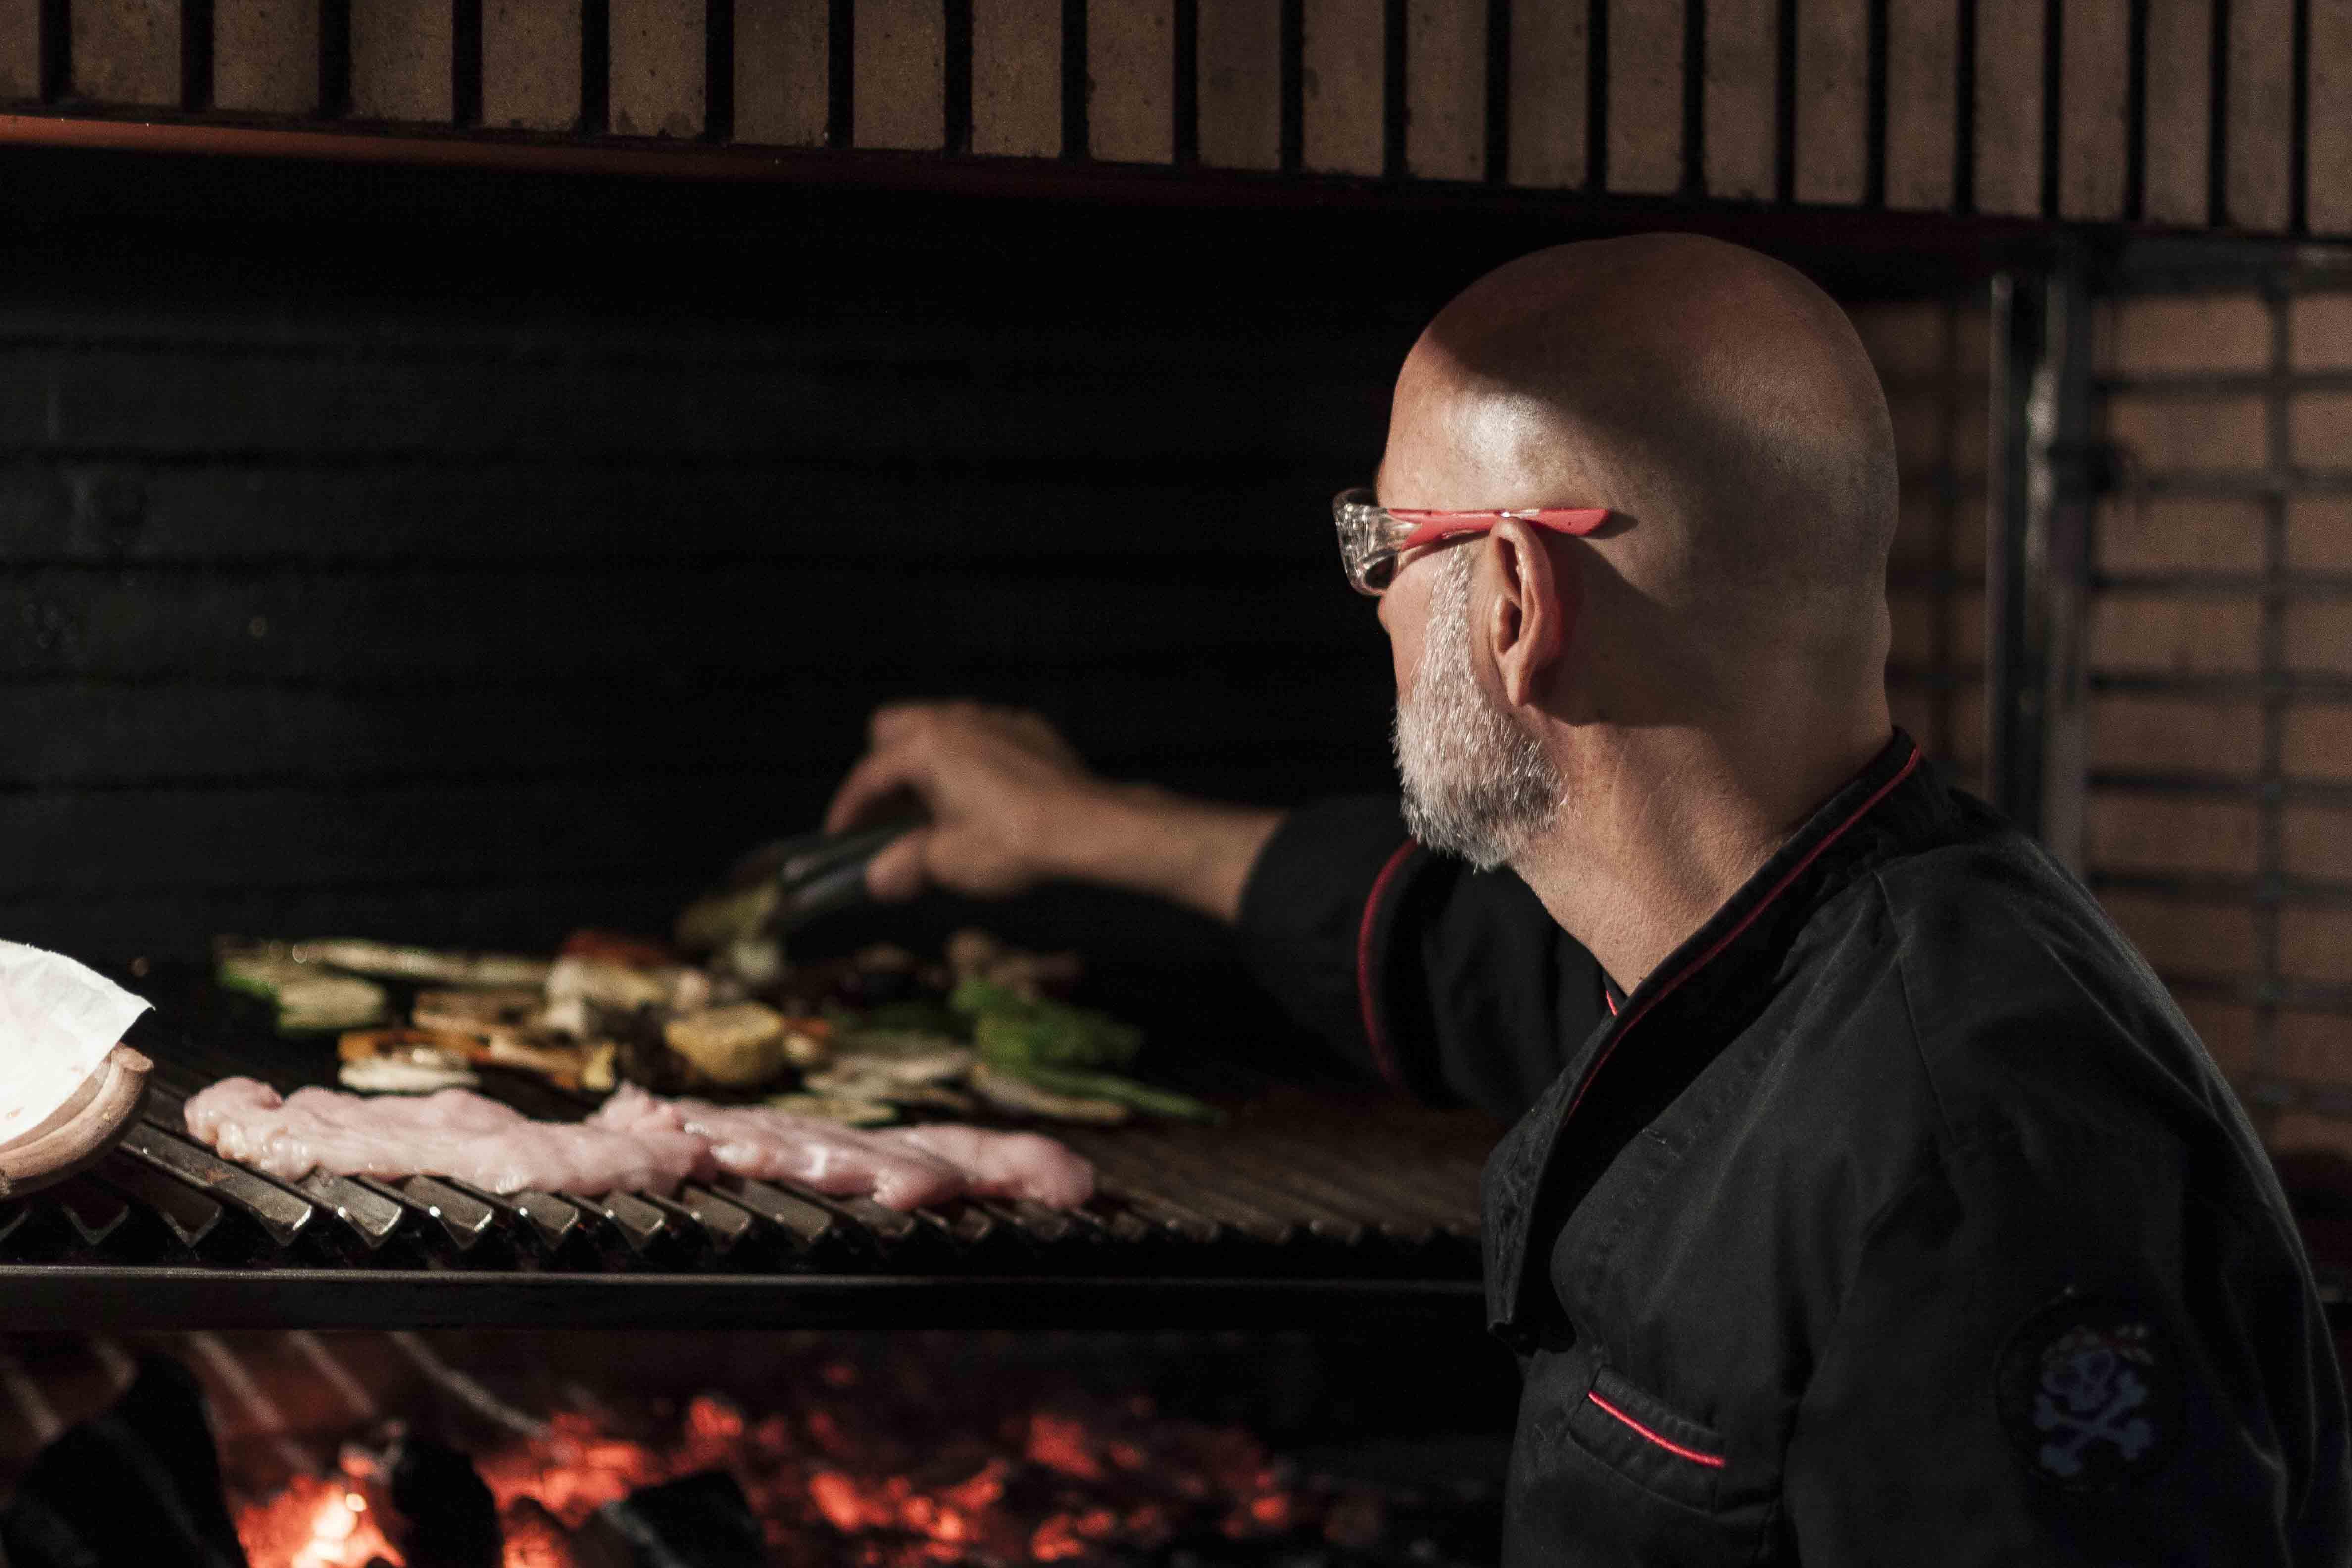 La Cabaña Restaurante de Algeciras la cabaña restaurante algeciras